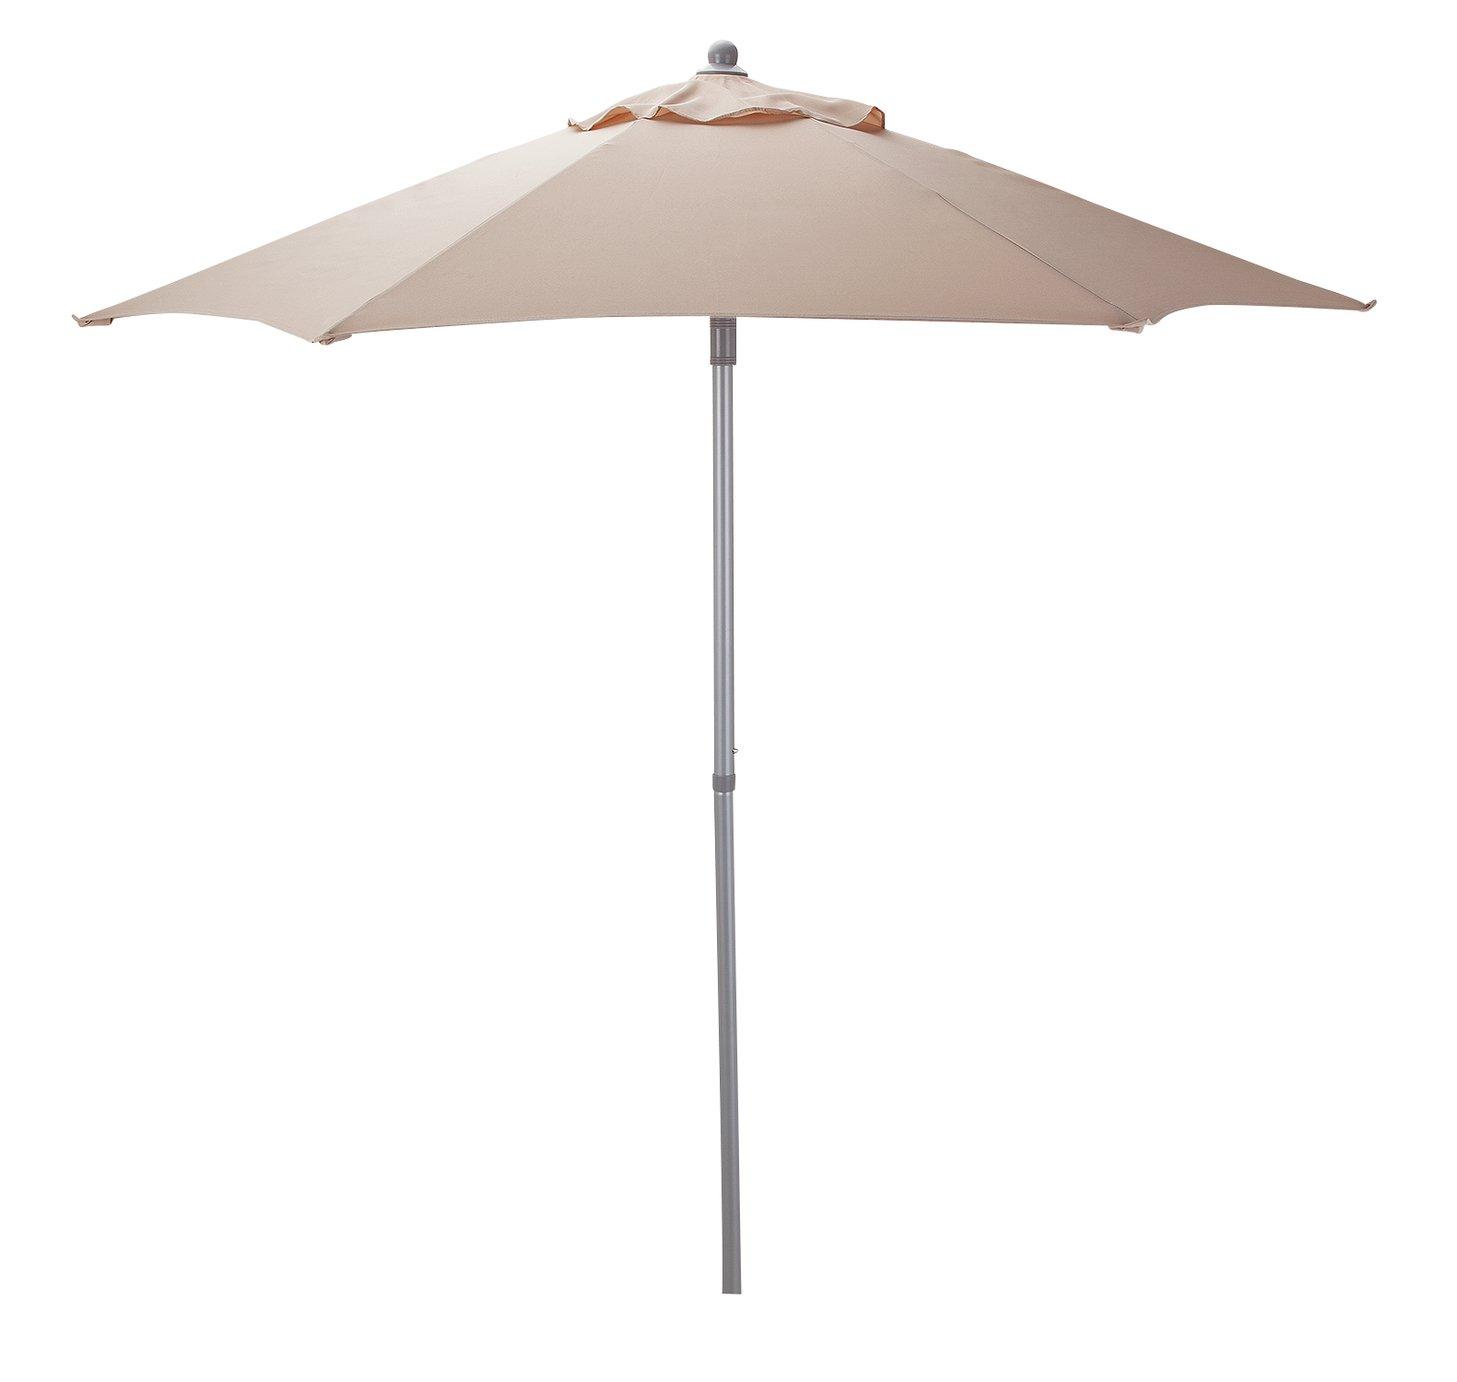 Argos Home 2m Garden Parasol - Cream